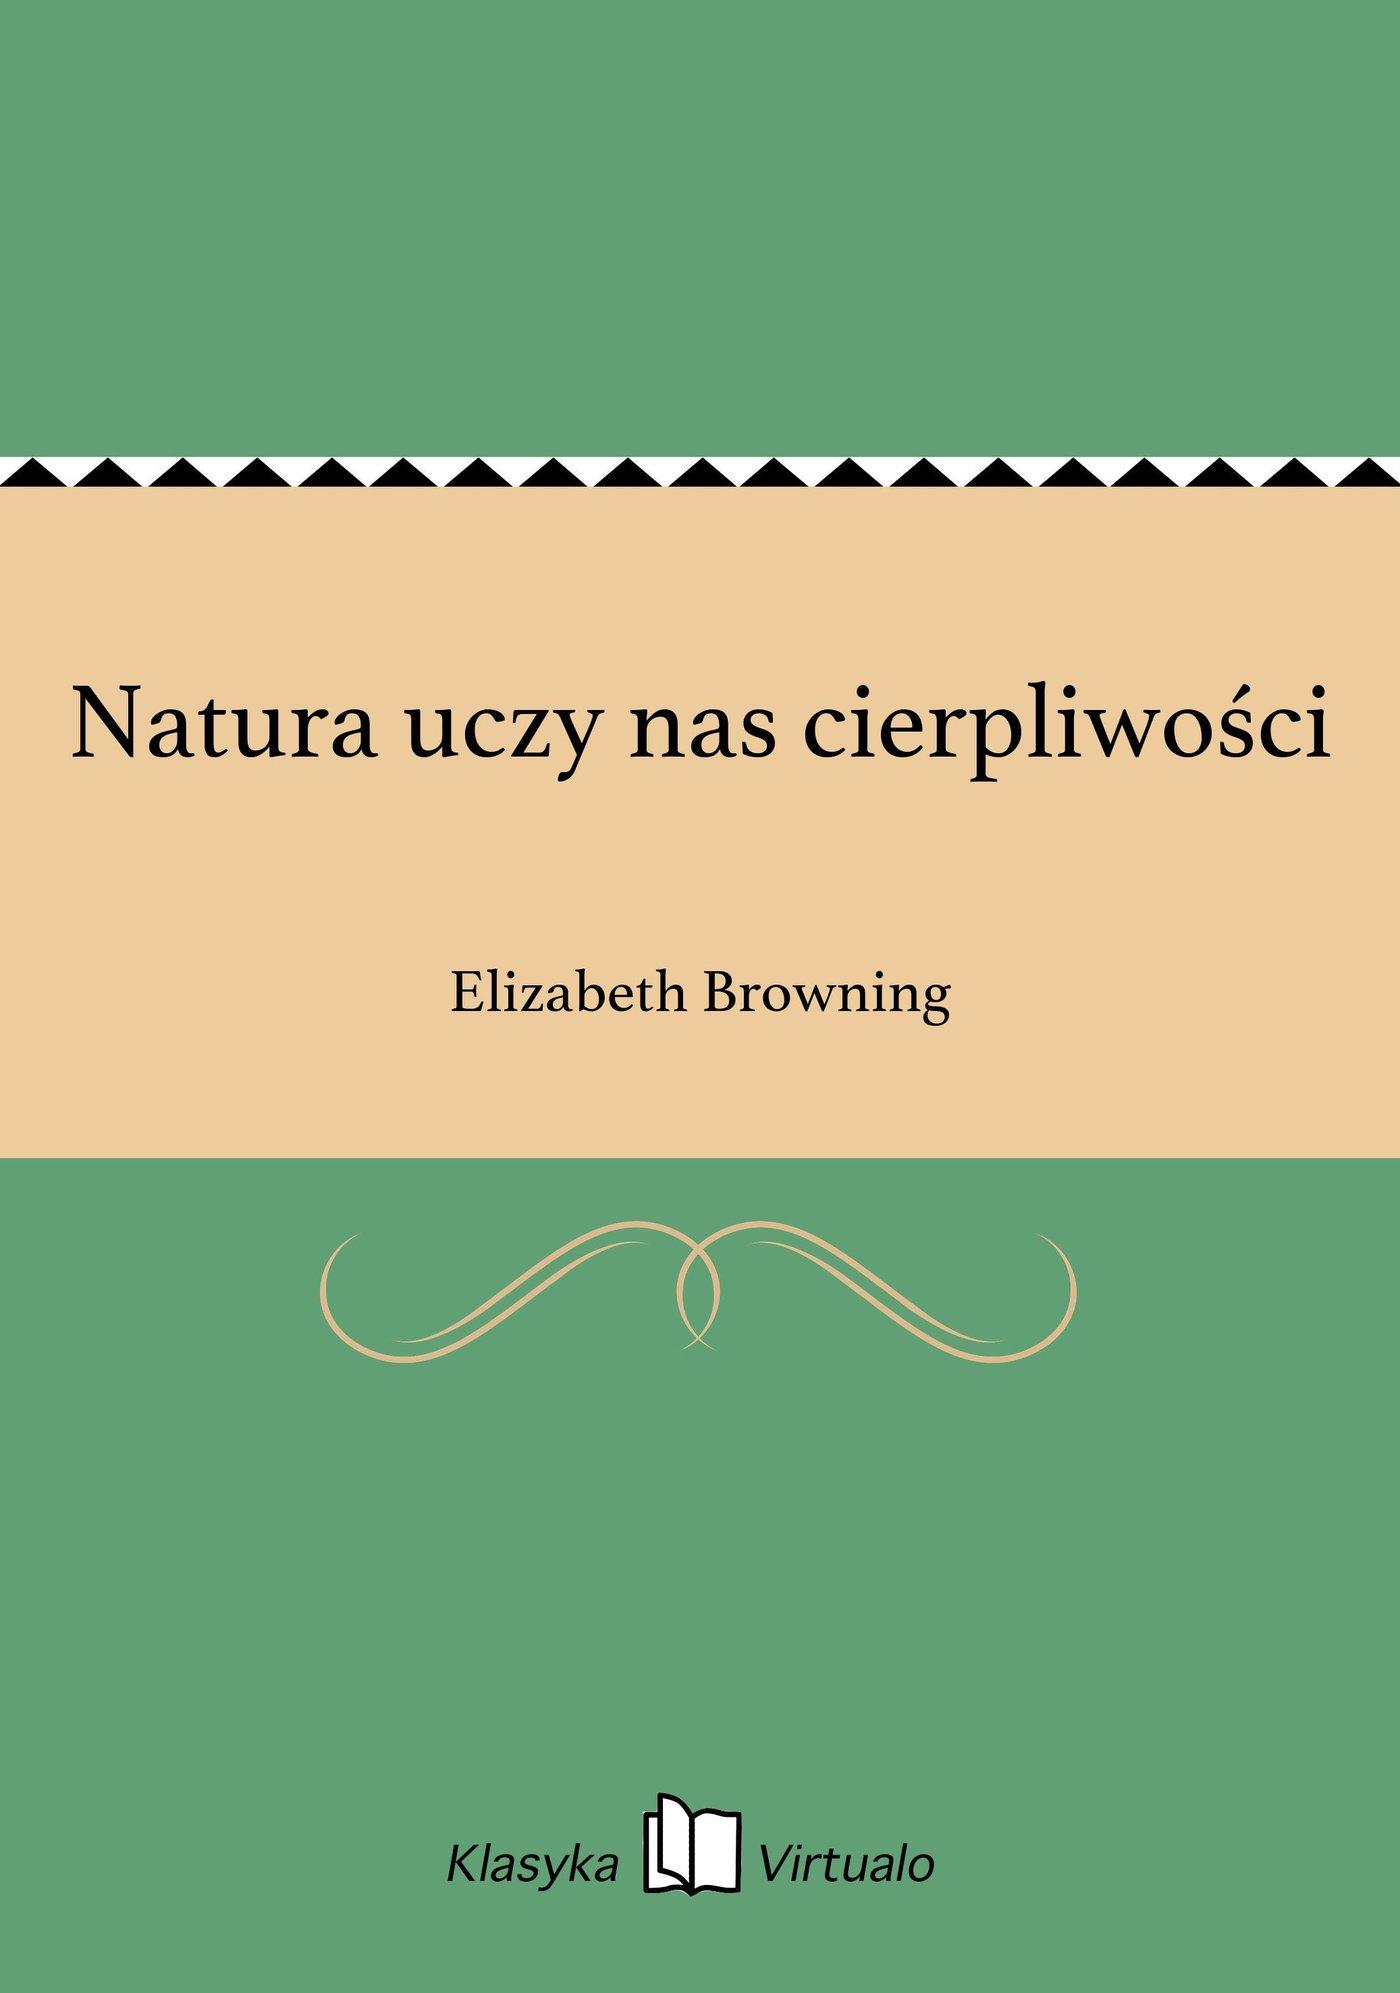 Natura uczy nas cierpliwości - Ebook (Książka na Kindle) do pobrania w formacie MOBI